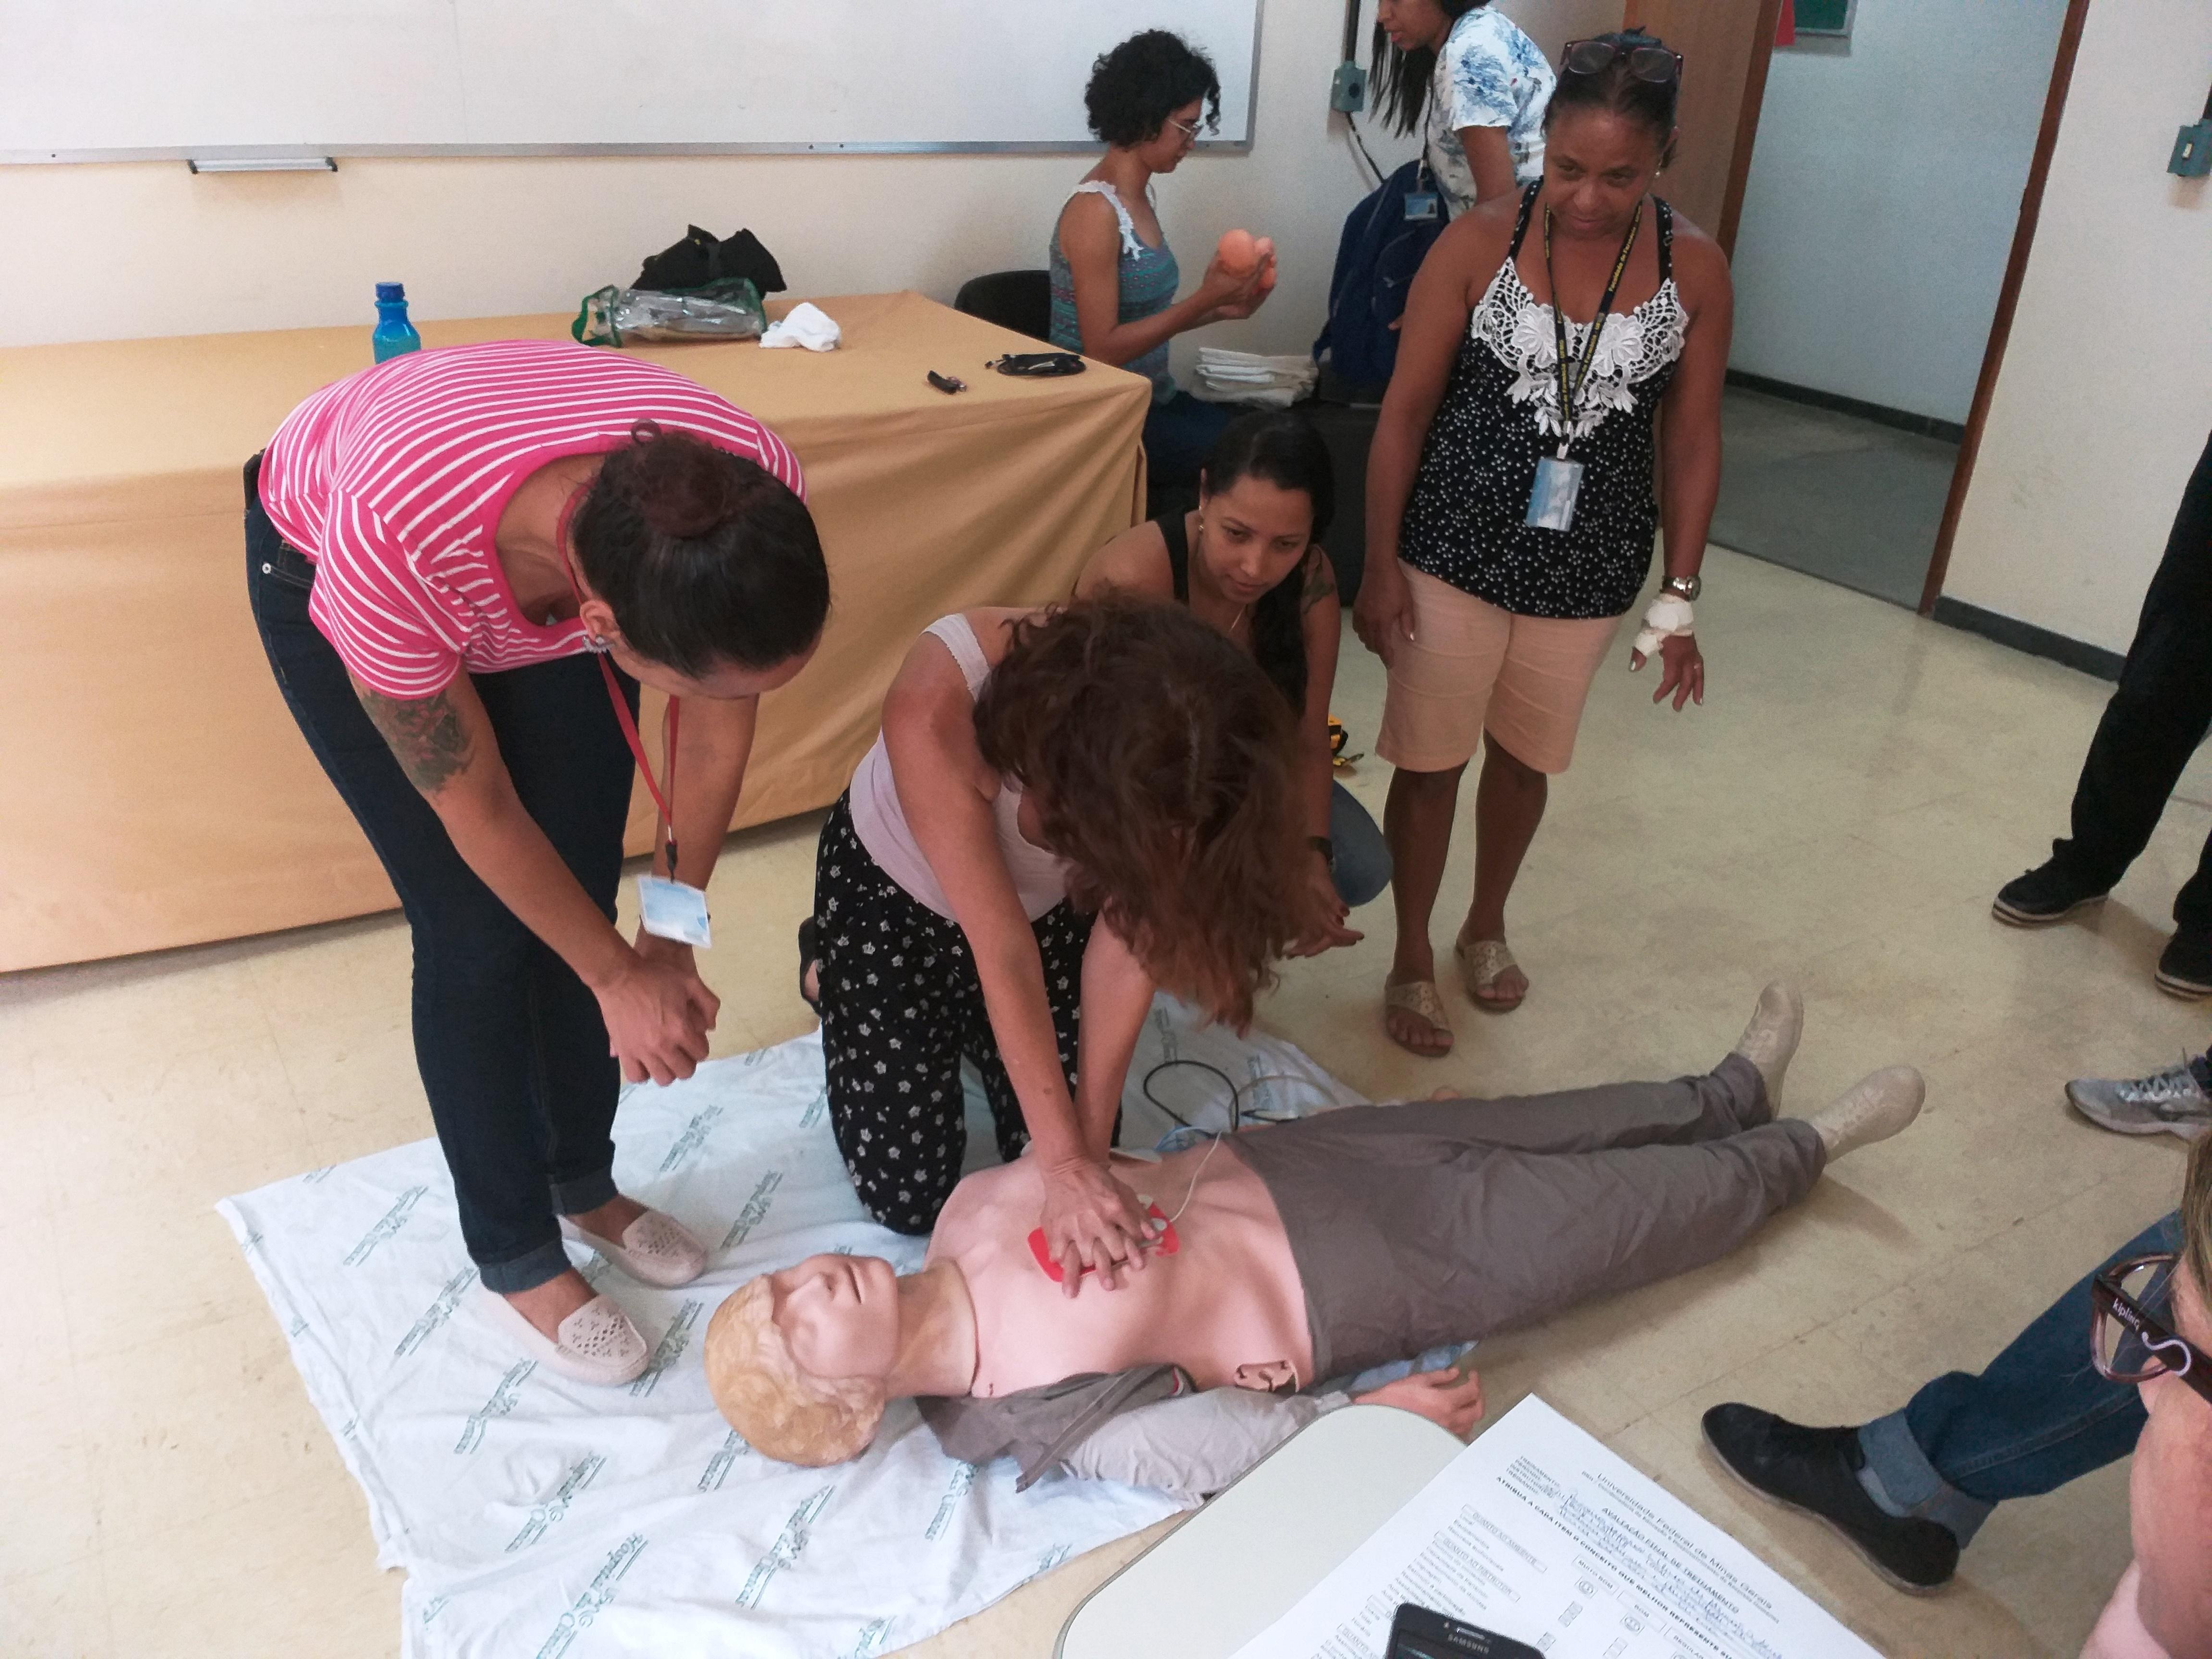 Foto 11 - Servidores sendo orientados sobre atendimento a vítima de parada cardiorrespiratória